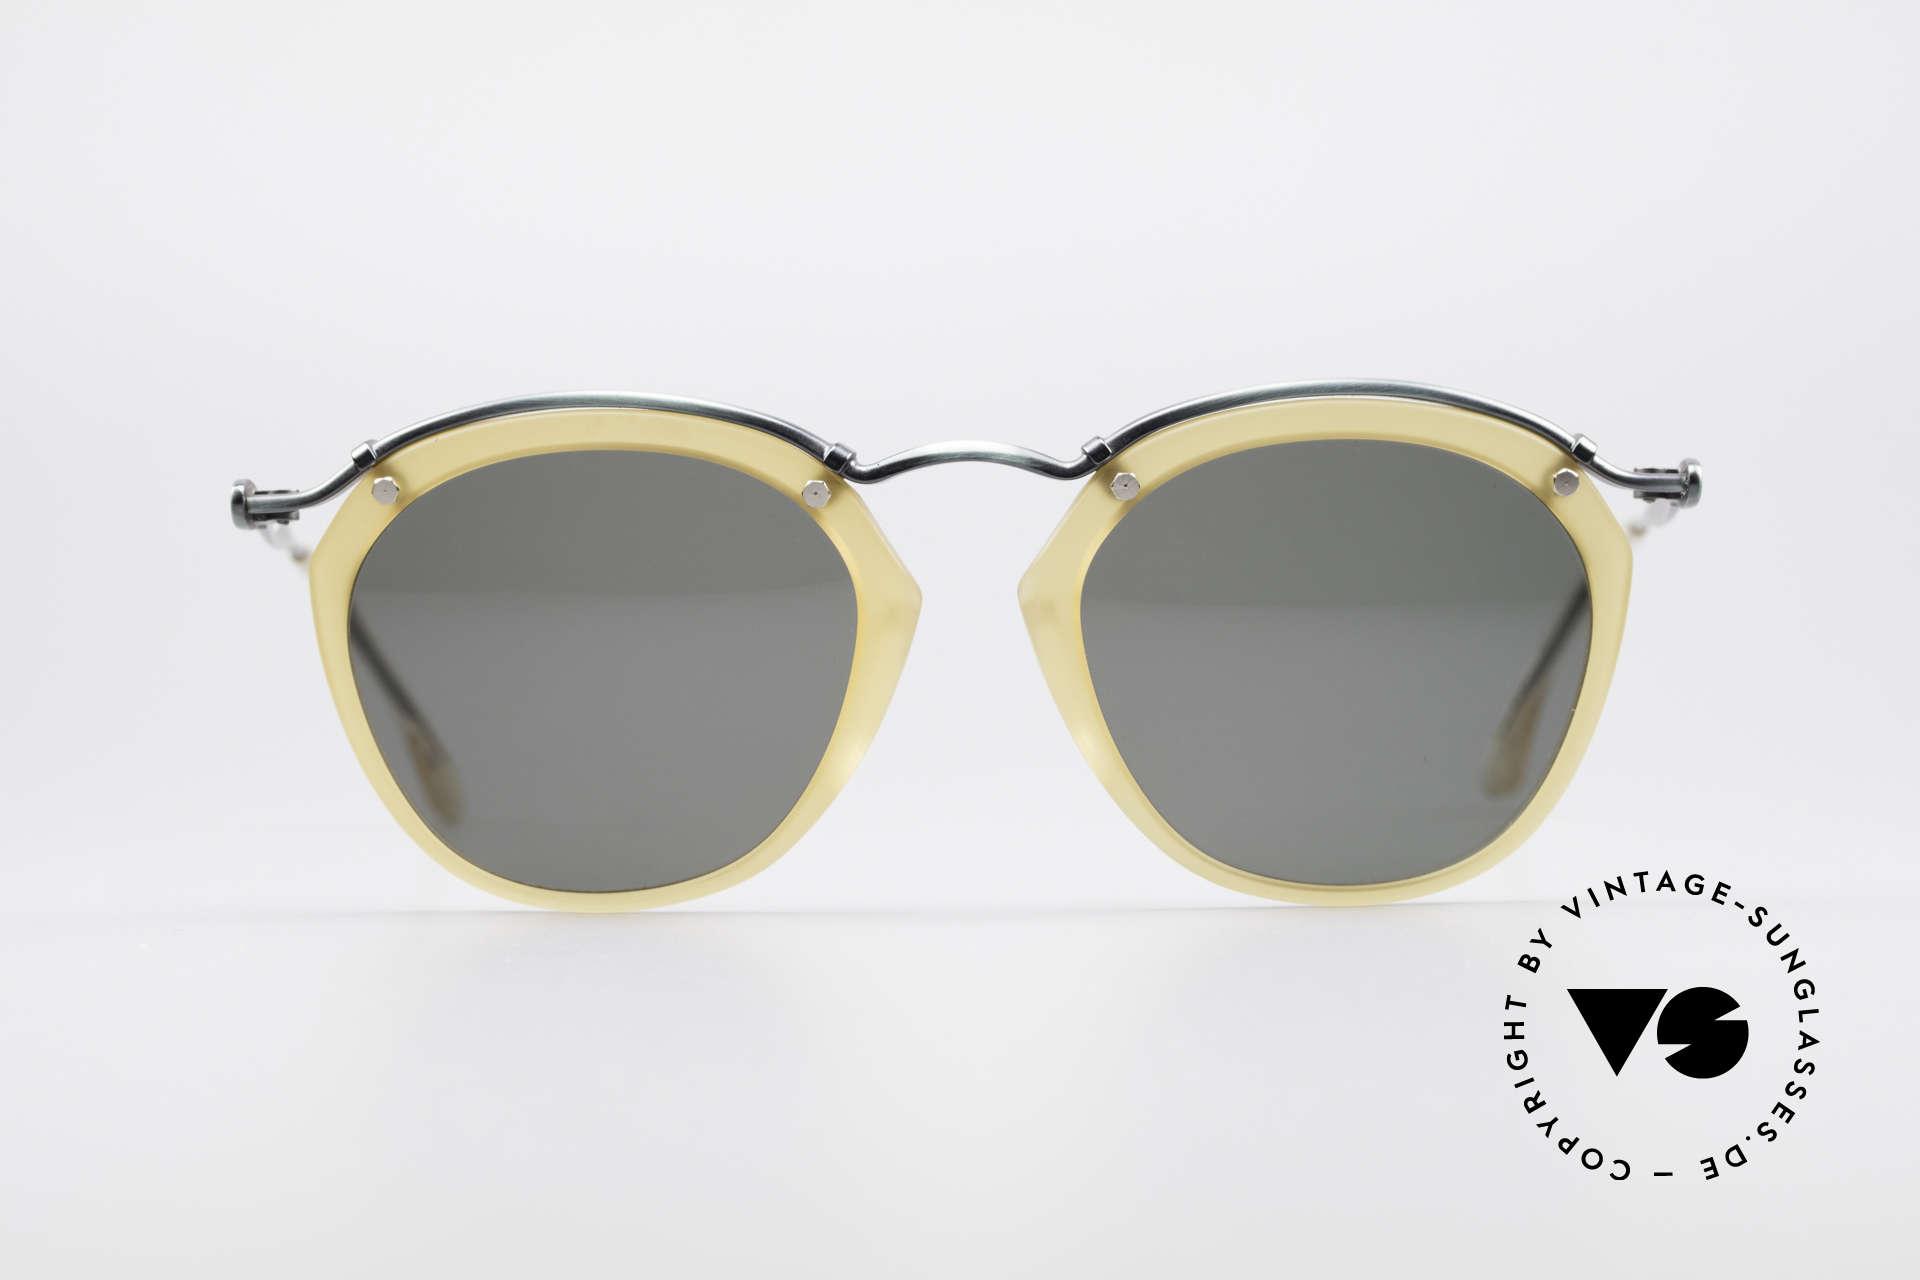 Jean Paul Gaultier 56-1273 Panto Style Sonnenbrille, Gaultiers Interpretation einer Panto-Sonnenbrille, Passend für Herren und Damen